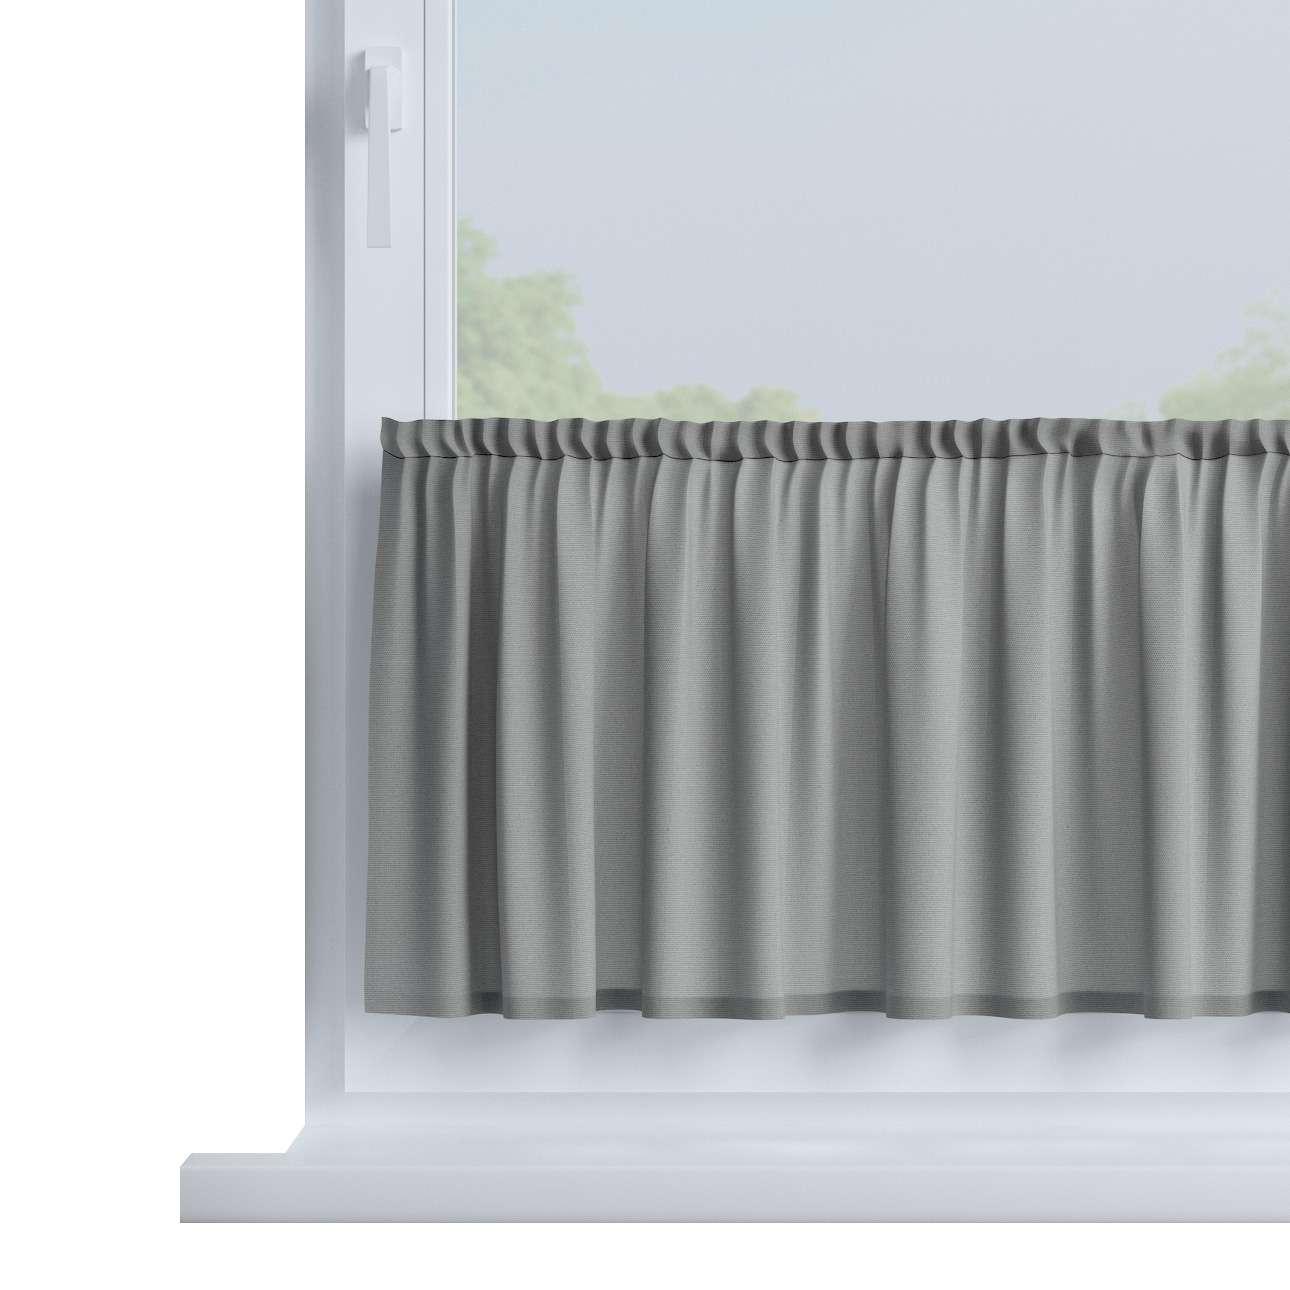 Vitrážka jednoduchá, metráž V kolekcii Loneta, tkanina: 133-24